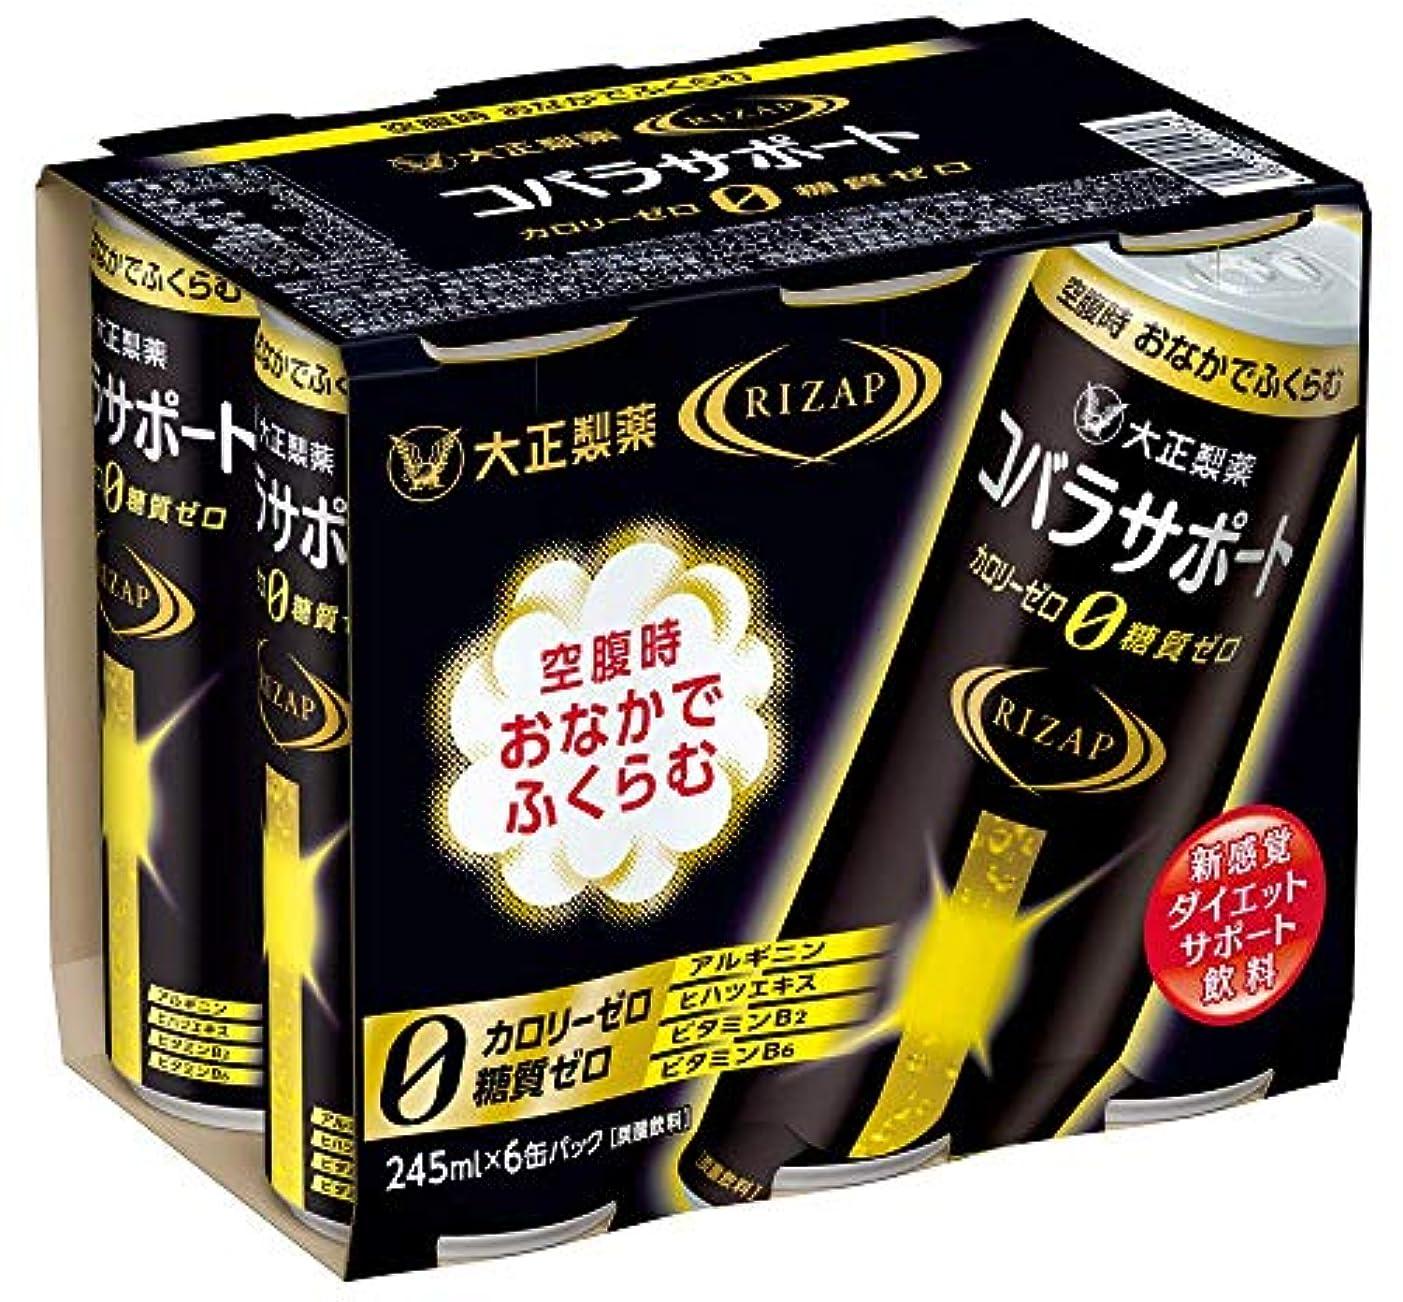 エミュレーションフィード媒染剤コバラサポートR 6本セット【期間限定】【ライザップコラボ品】×5